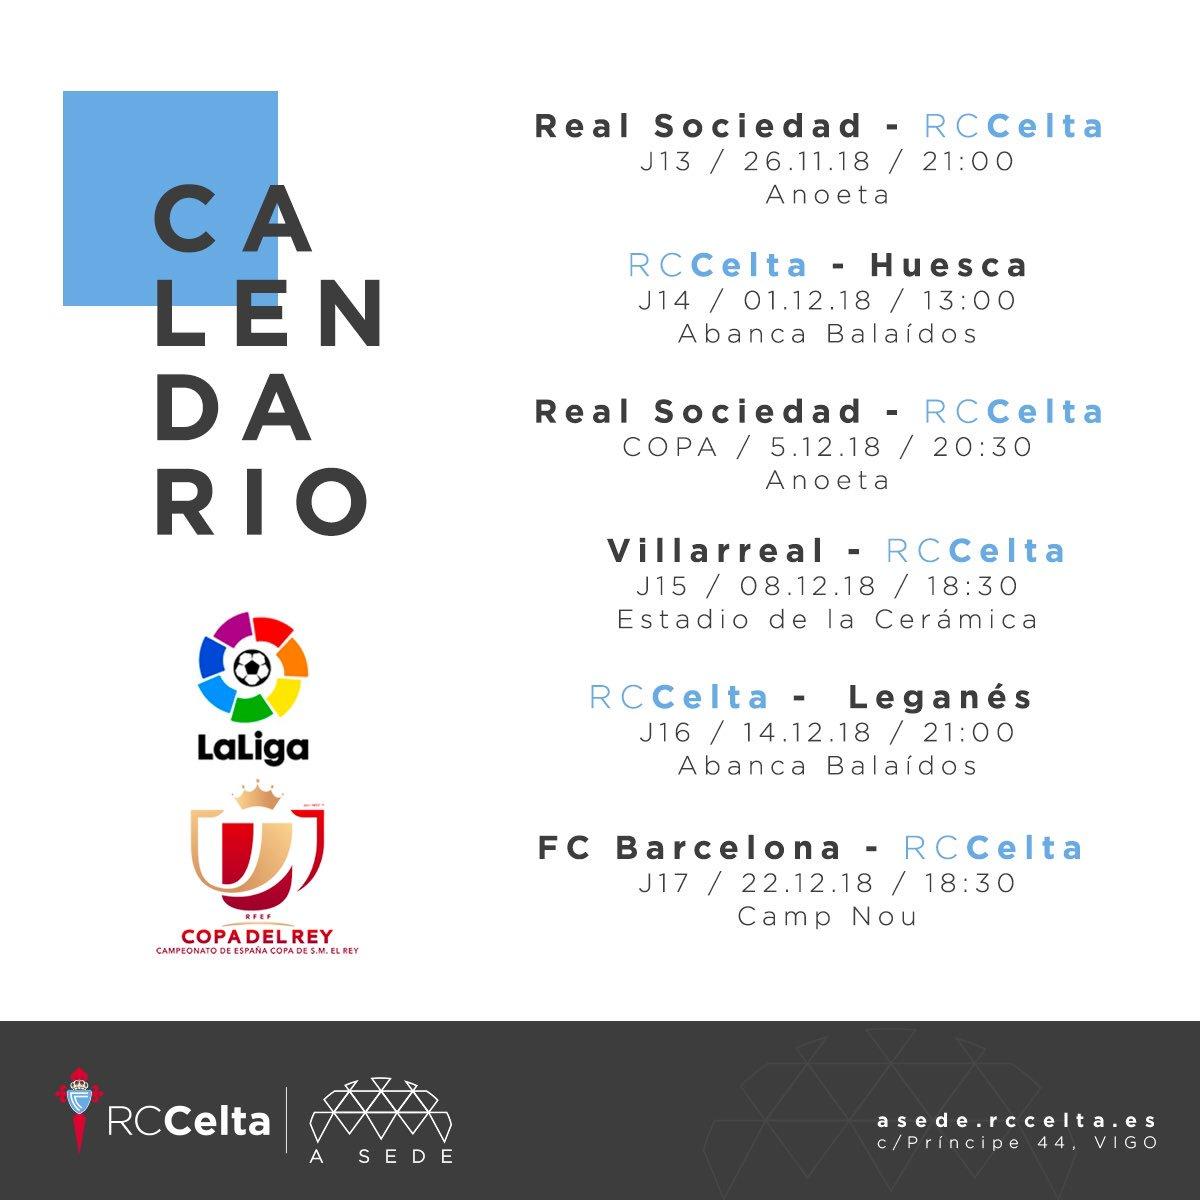 Calendario Celta Vigo.A Sede Rc Celta On Twitter Calendario Actualizado Ata Final De